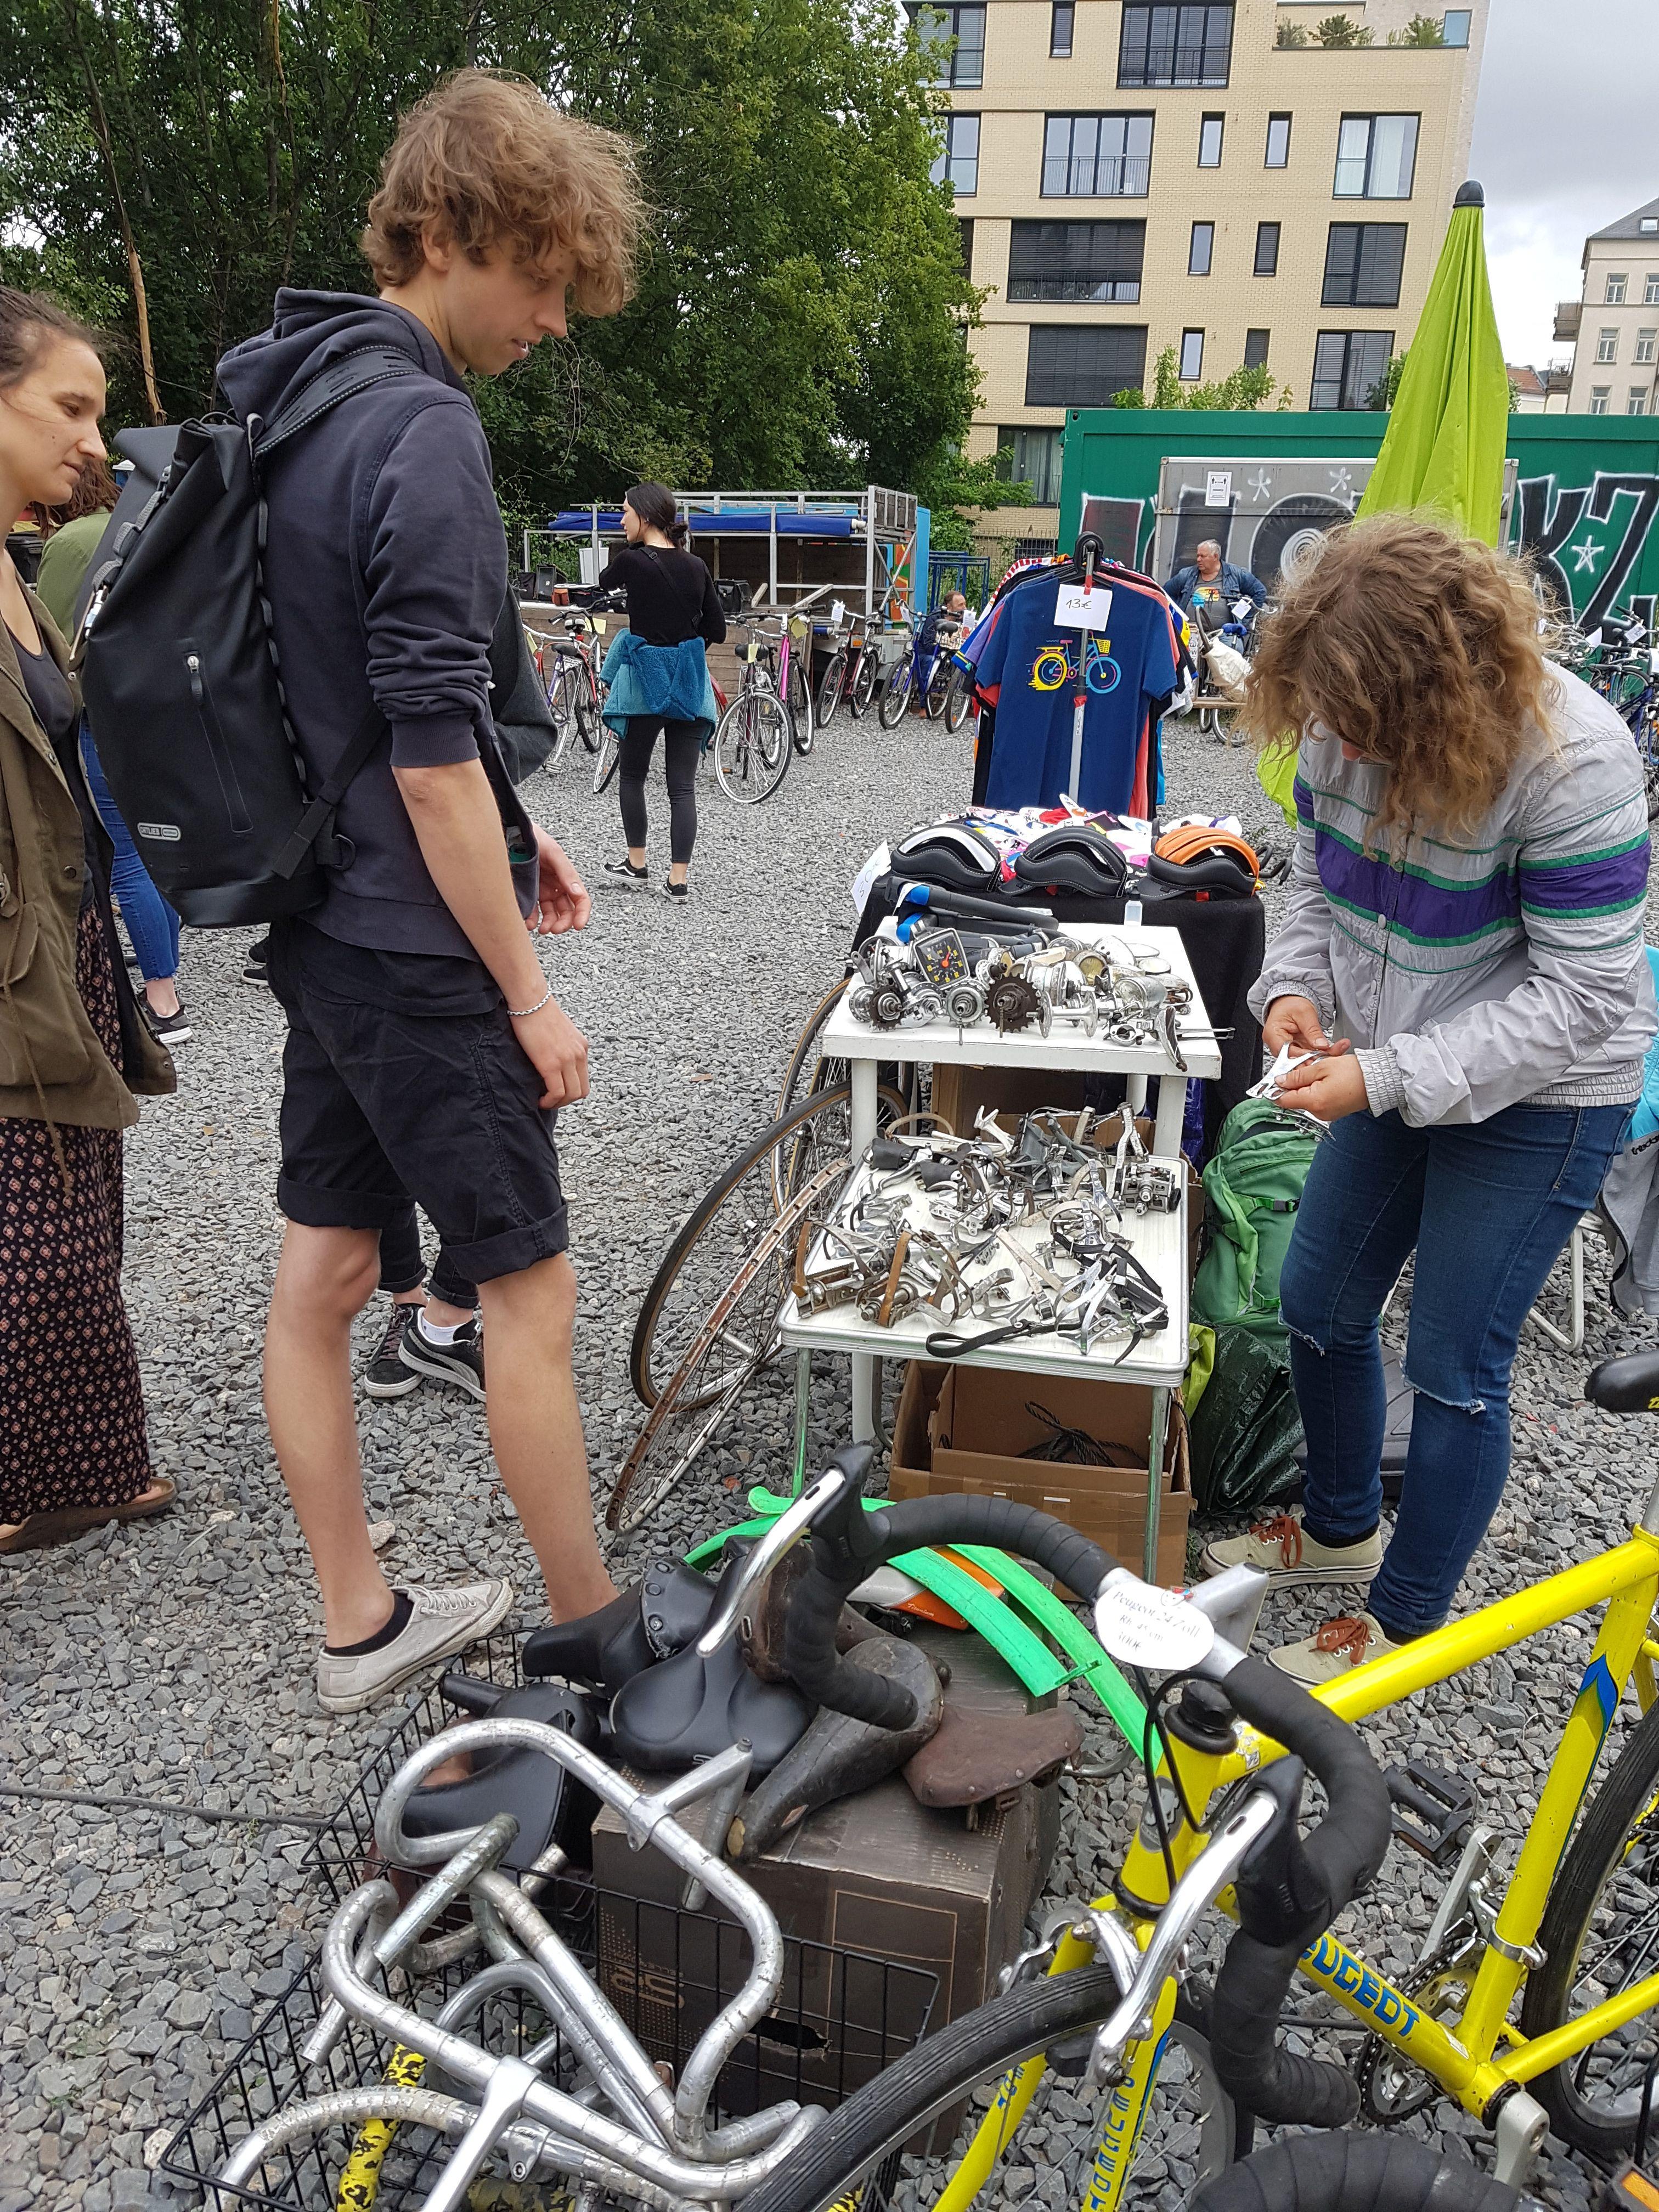 Fahrradmarkt Prenzlauer Berg - Neue & gebrauchte Fahrräder Berlin günstig kaufen - Juni 2020 - 06